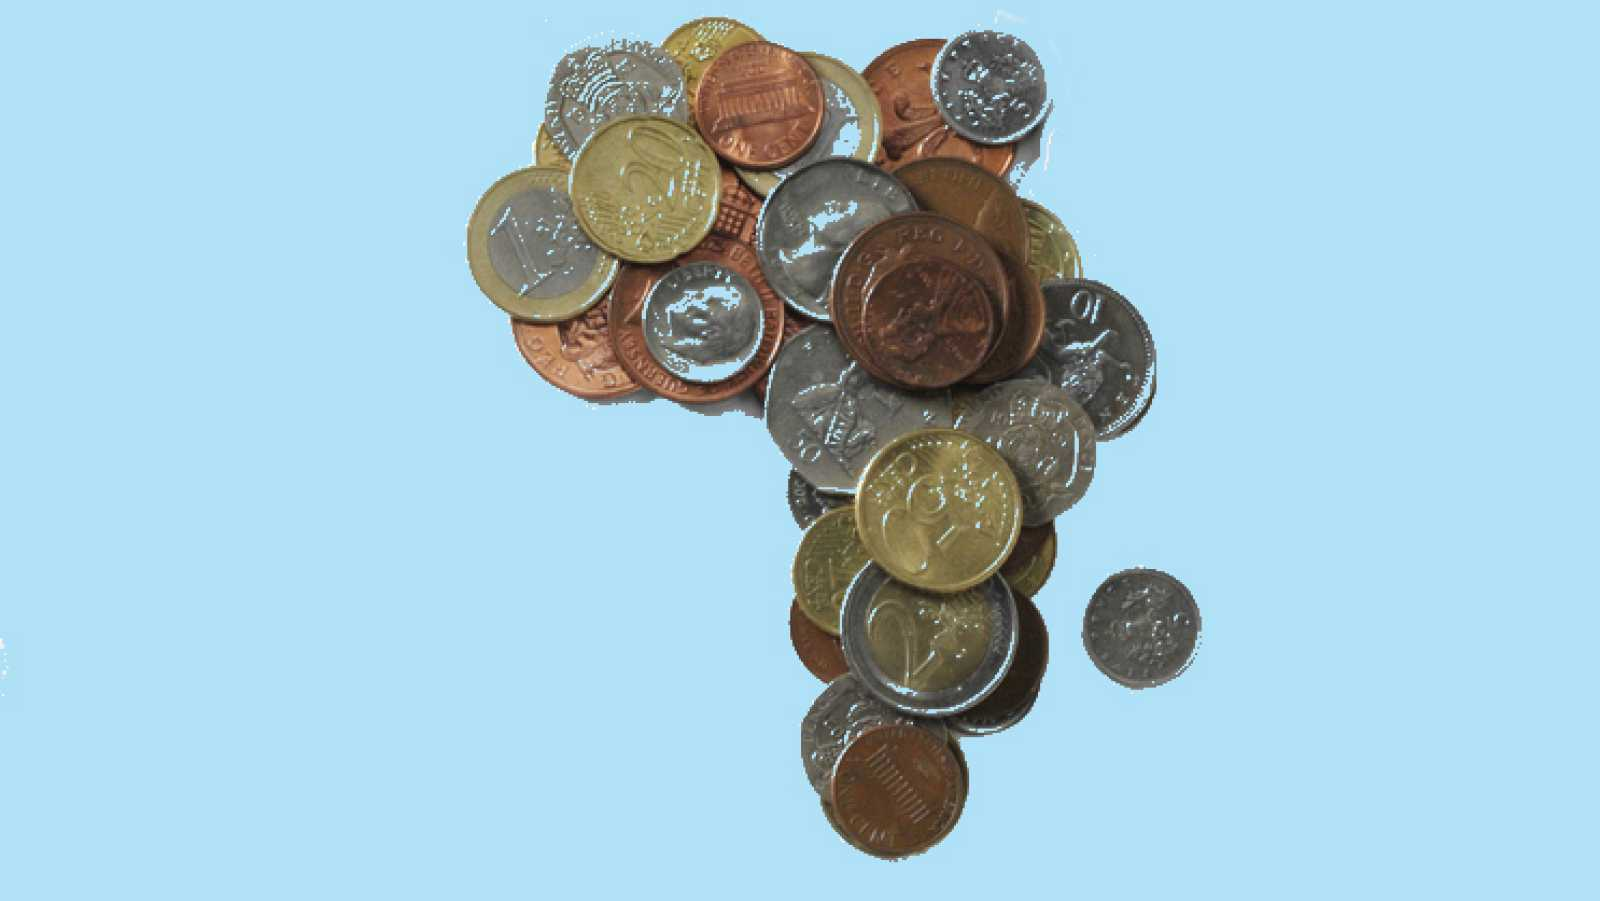 África hoy - Más de 20 países africanos reciben ayuda del FMI - 09/10/20 - Escuchar ahora